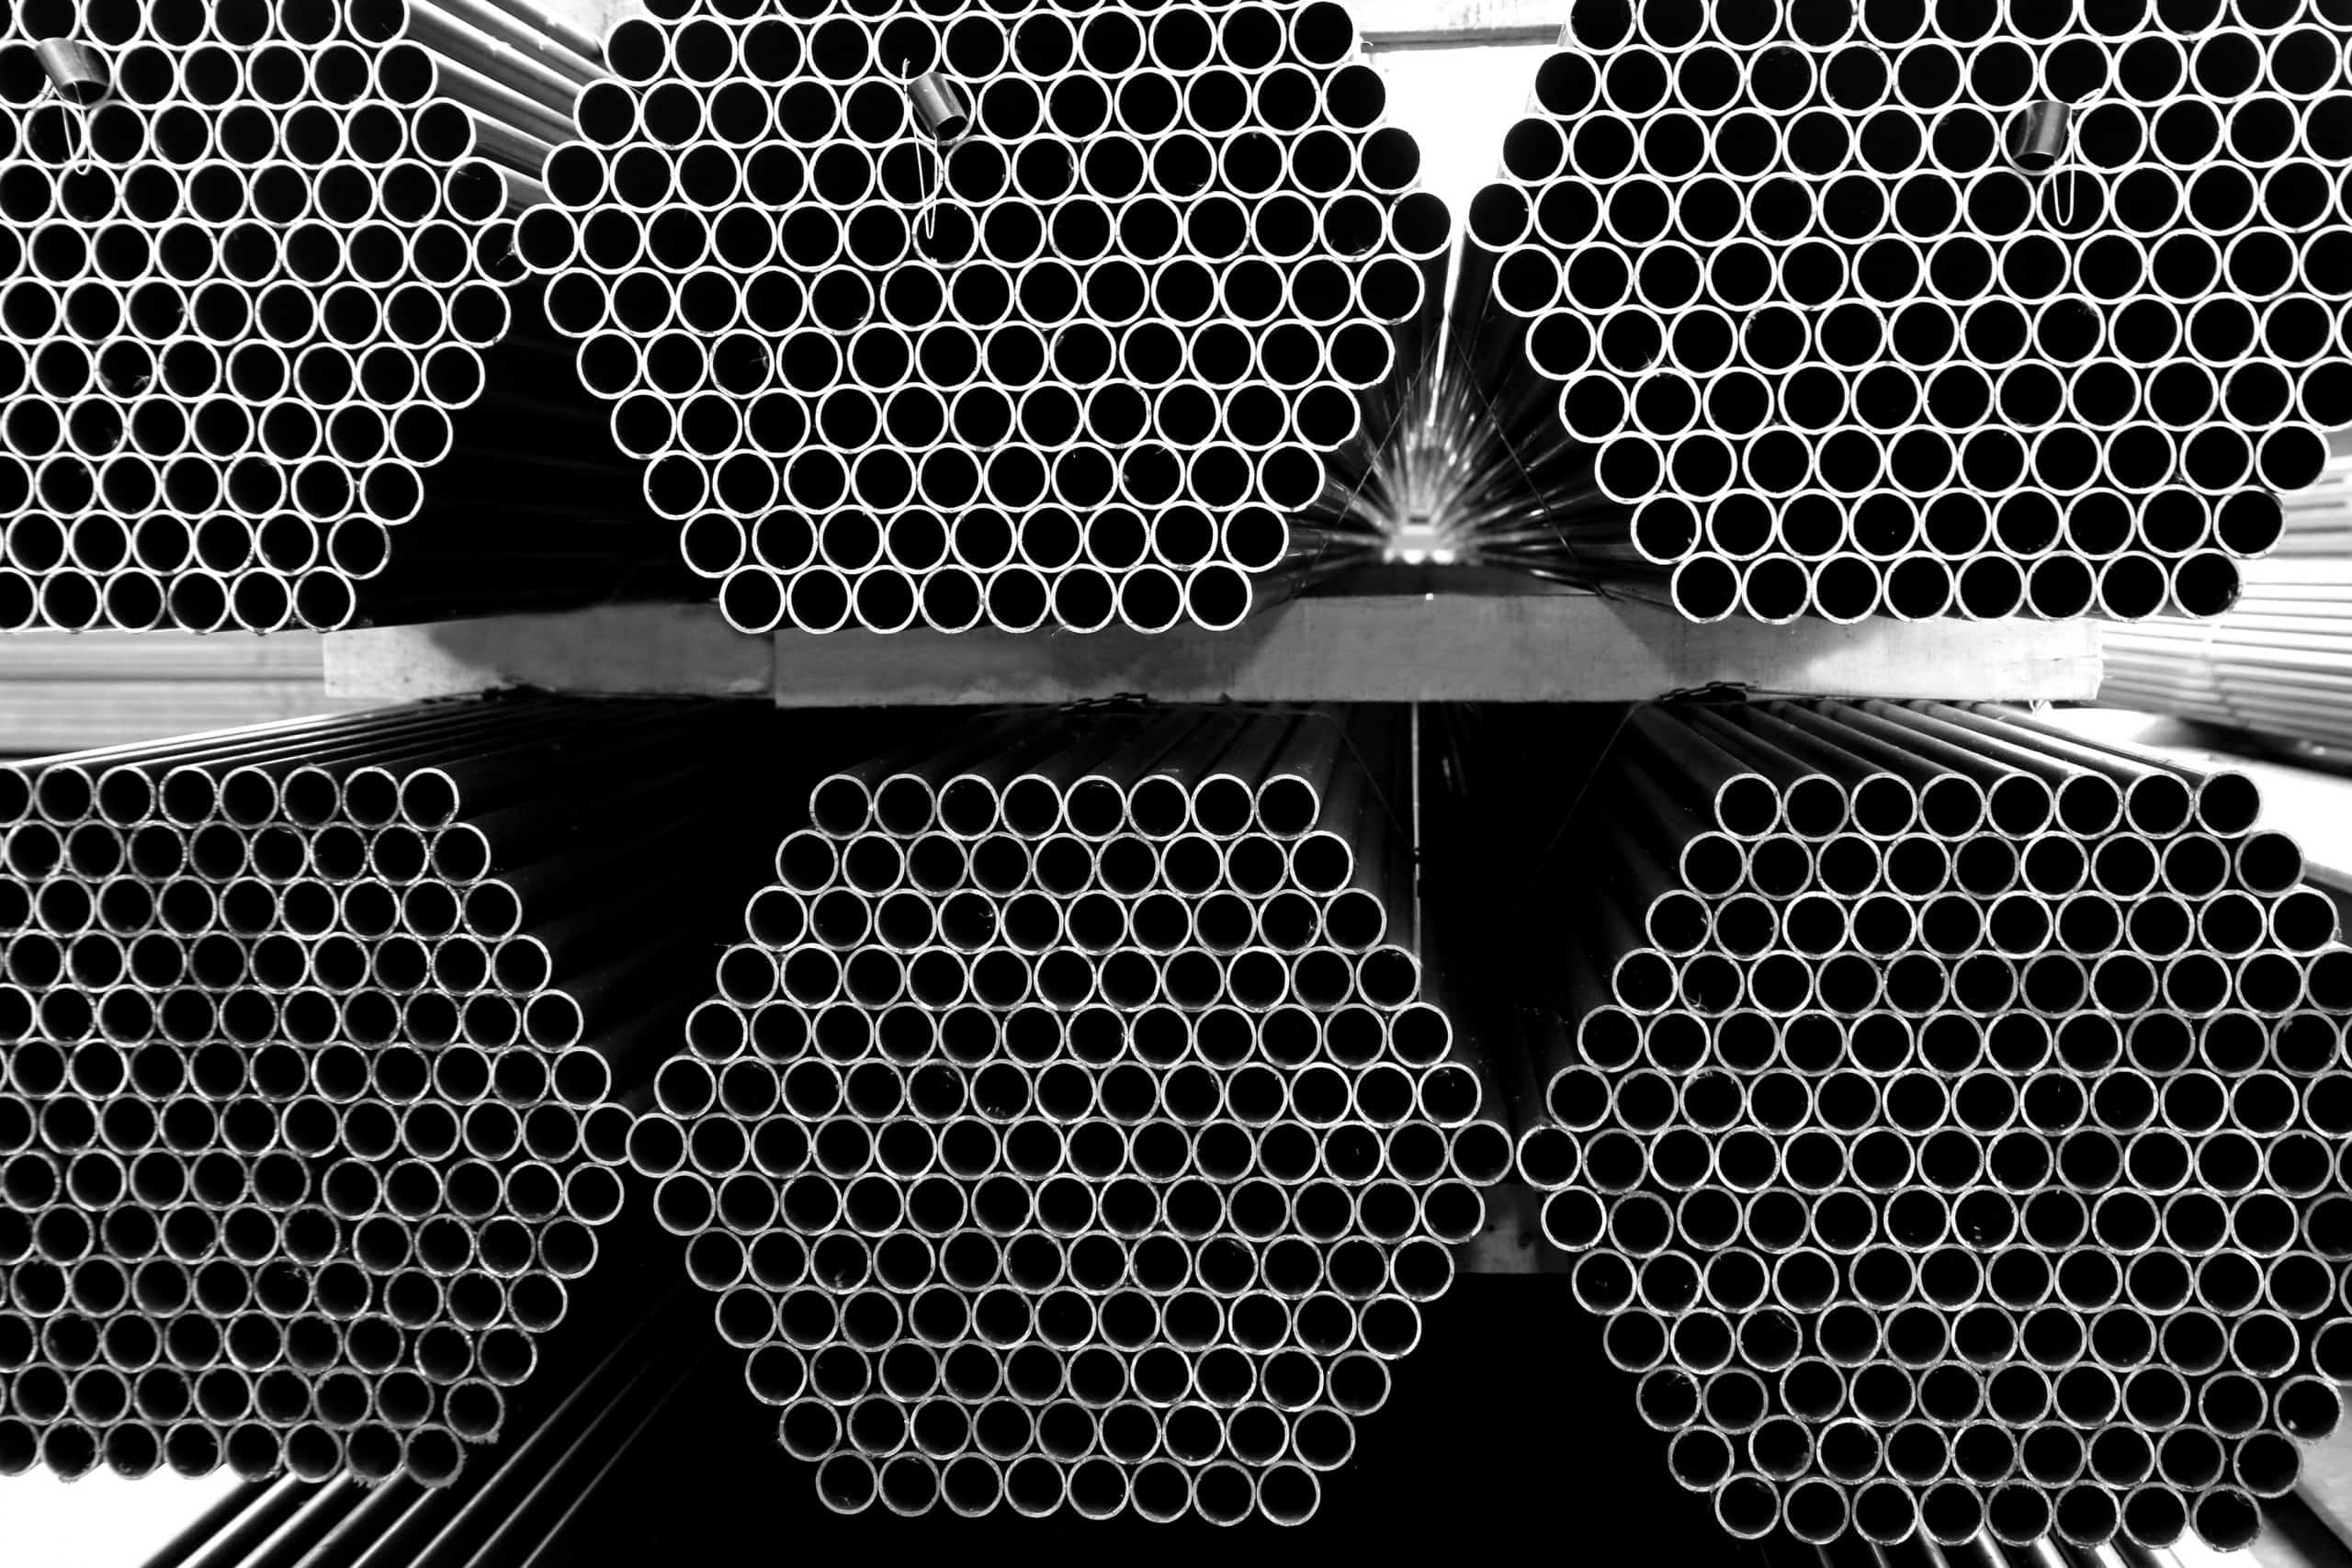 Ống thép đen dạng tròn, bề mặt bóng và không có lớp mạ kẽm phủ ngoài